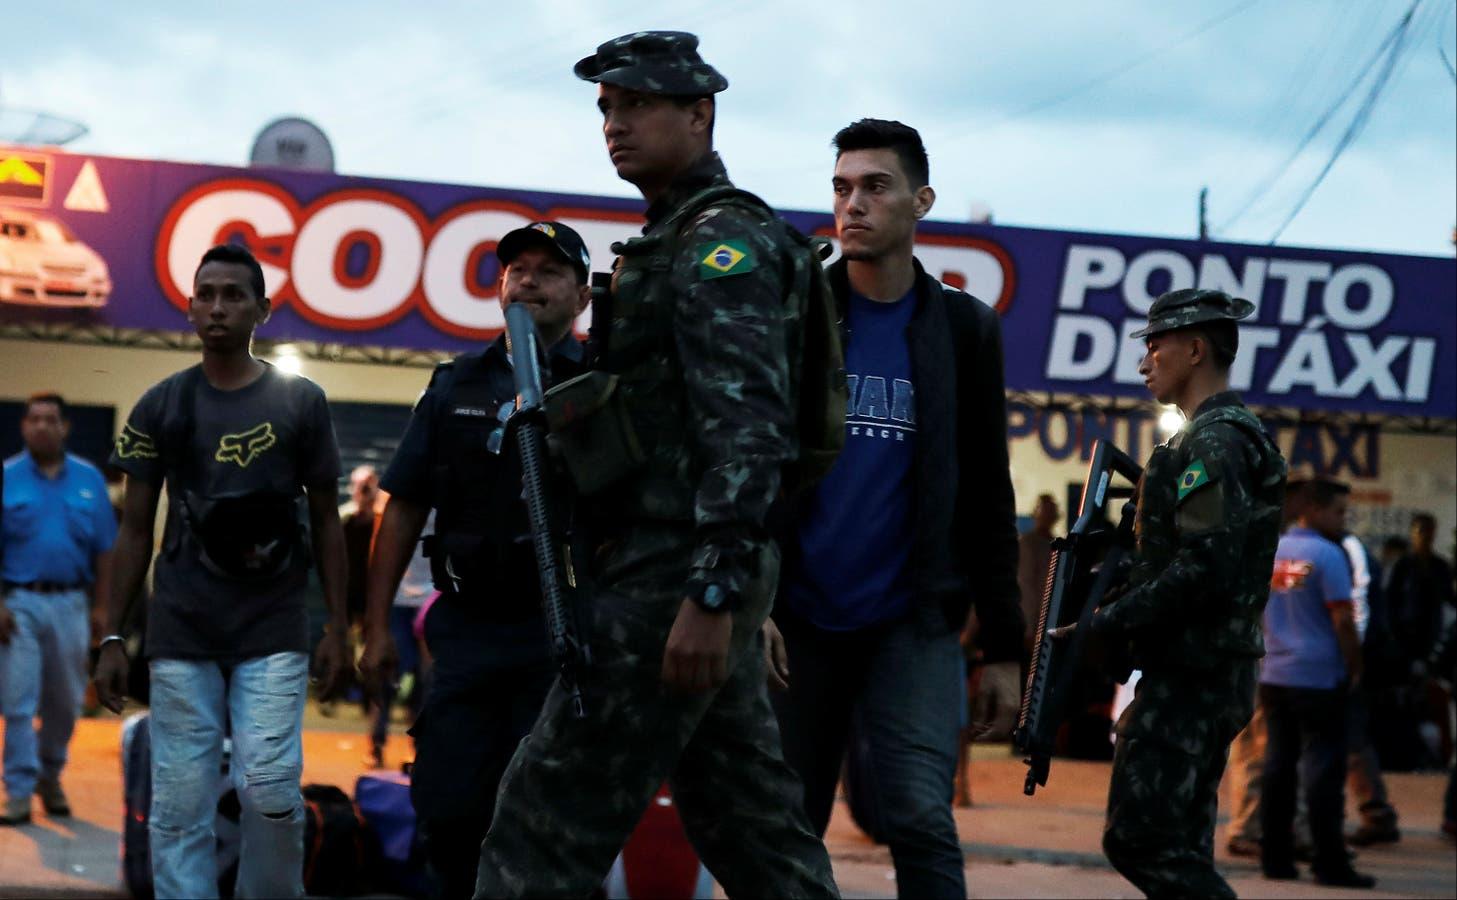 El presidente brasileño decidió el envío de las fuerzas armadas en el estado de Roraima por los conflictos con la población local